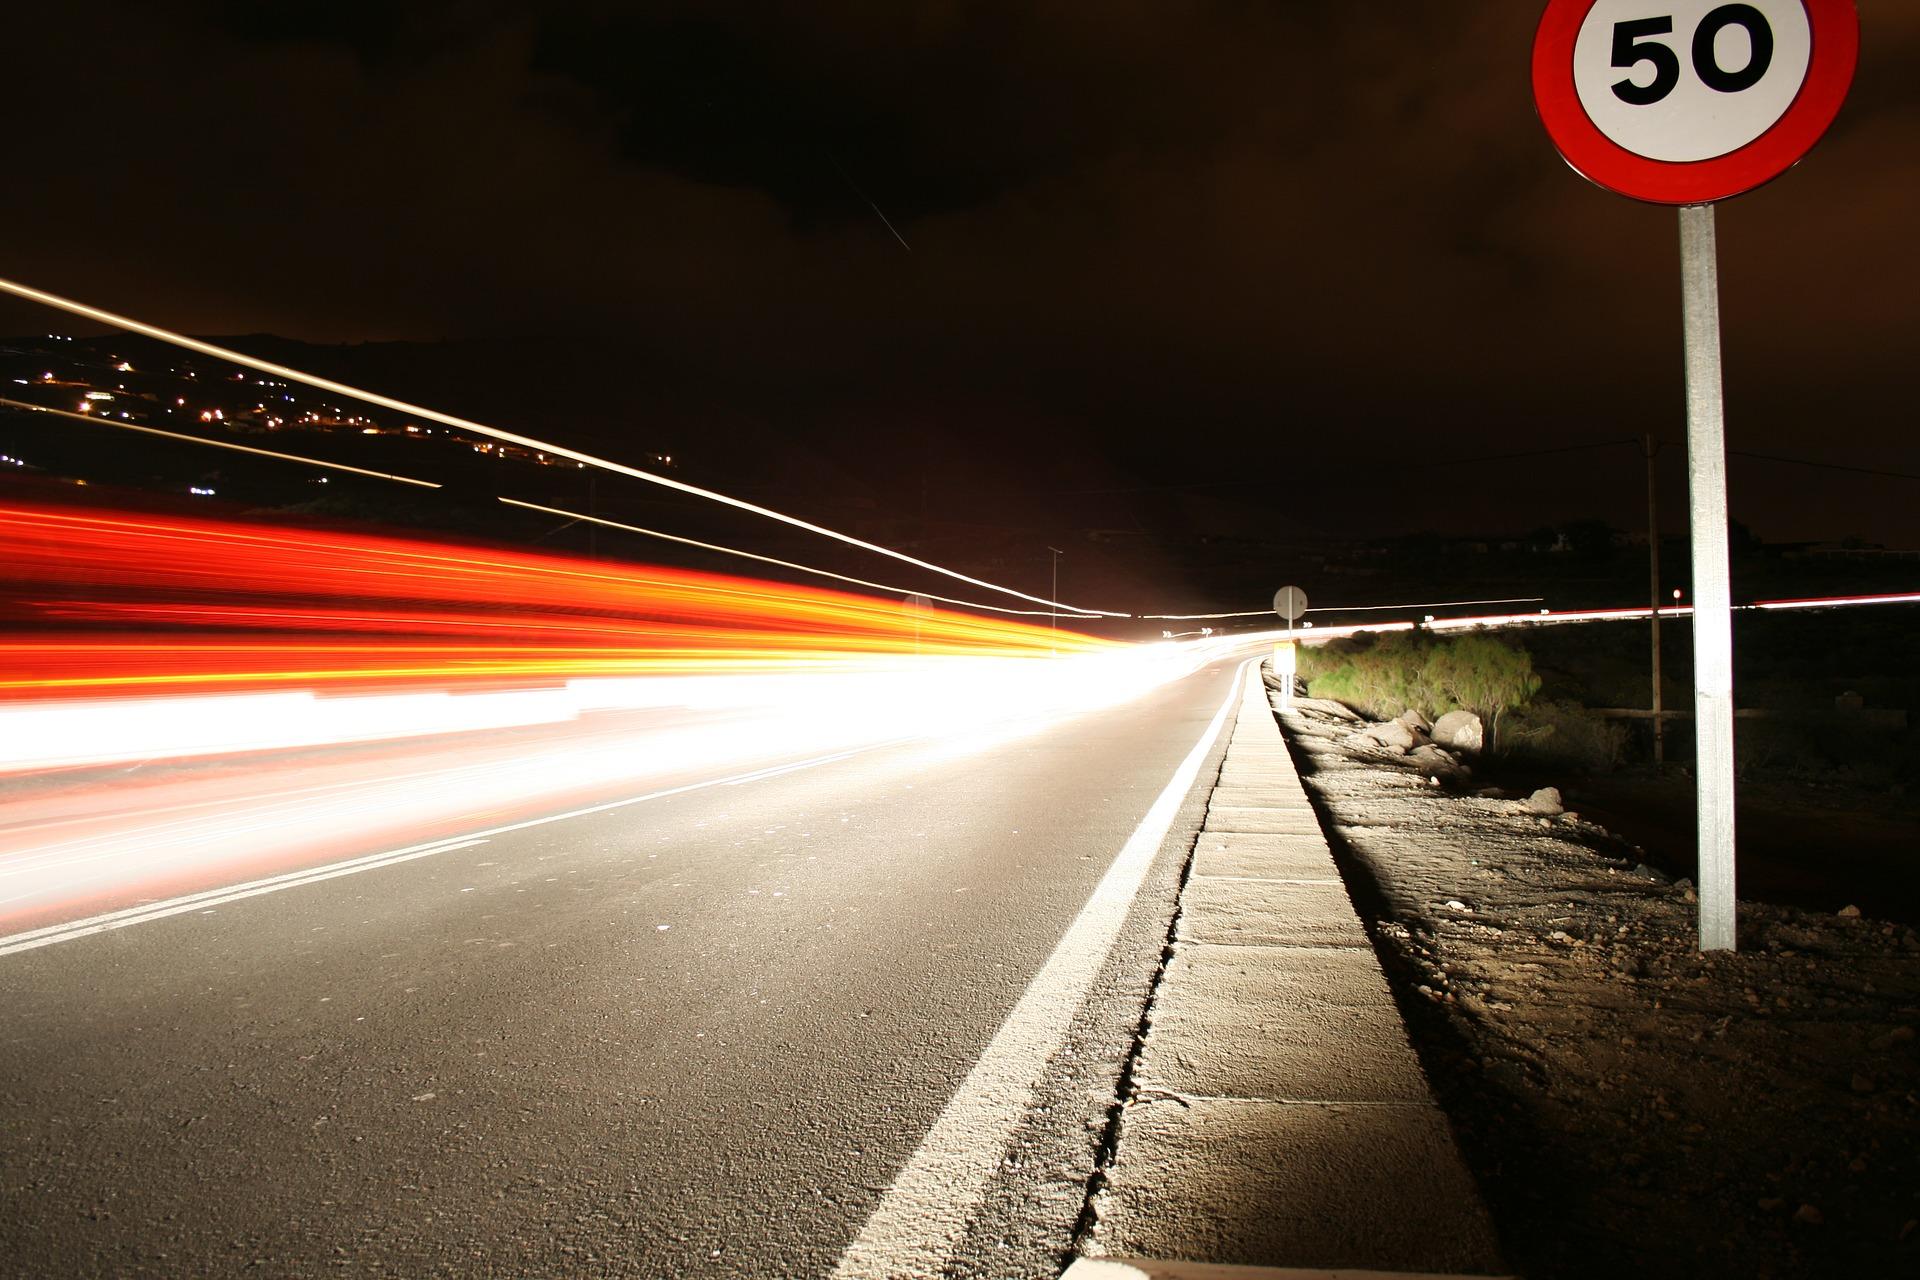 4. El control de la velocidad reduce las lesiones por accidentes de tránsito, pero solo 47 países tienen leyes que se ajustan a las prácticas óptimas con respecto a la velocidad en las ciudades, es decir, una velocidad máxima de 50 km/h.